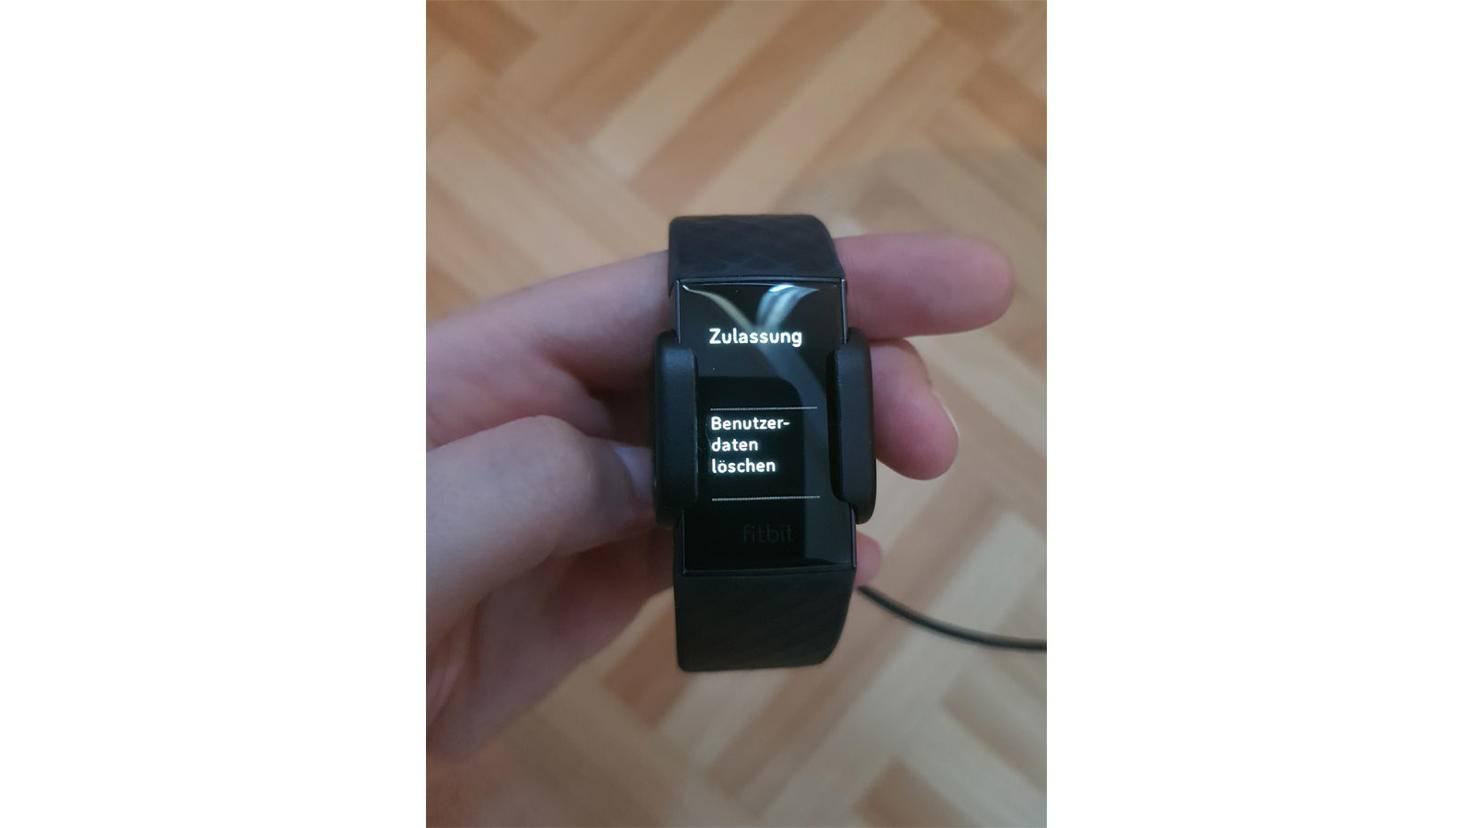 Fitbit Charge 3 Benutzerdaten loeschen